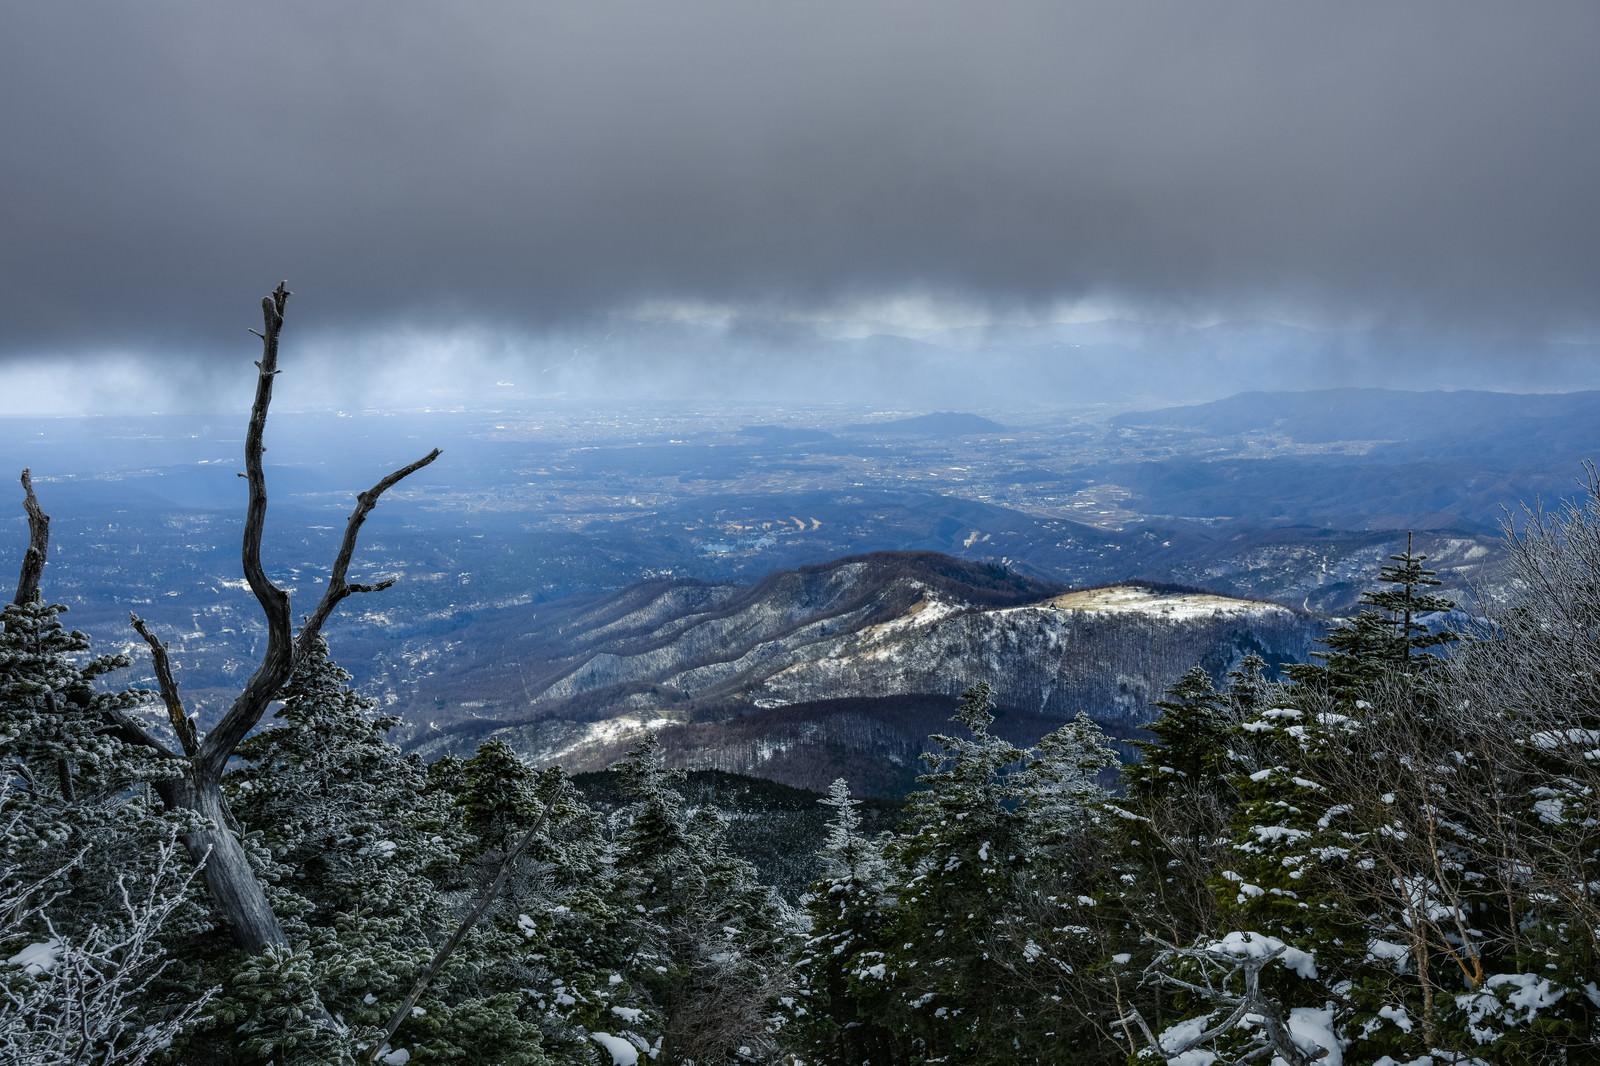 「曇天の蓼科山から見る麓の景色」の写真